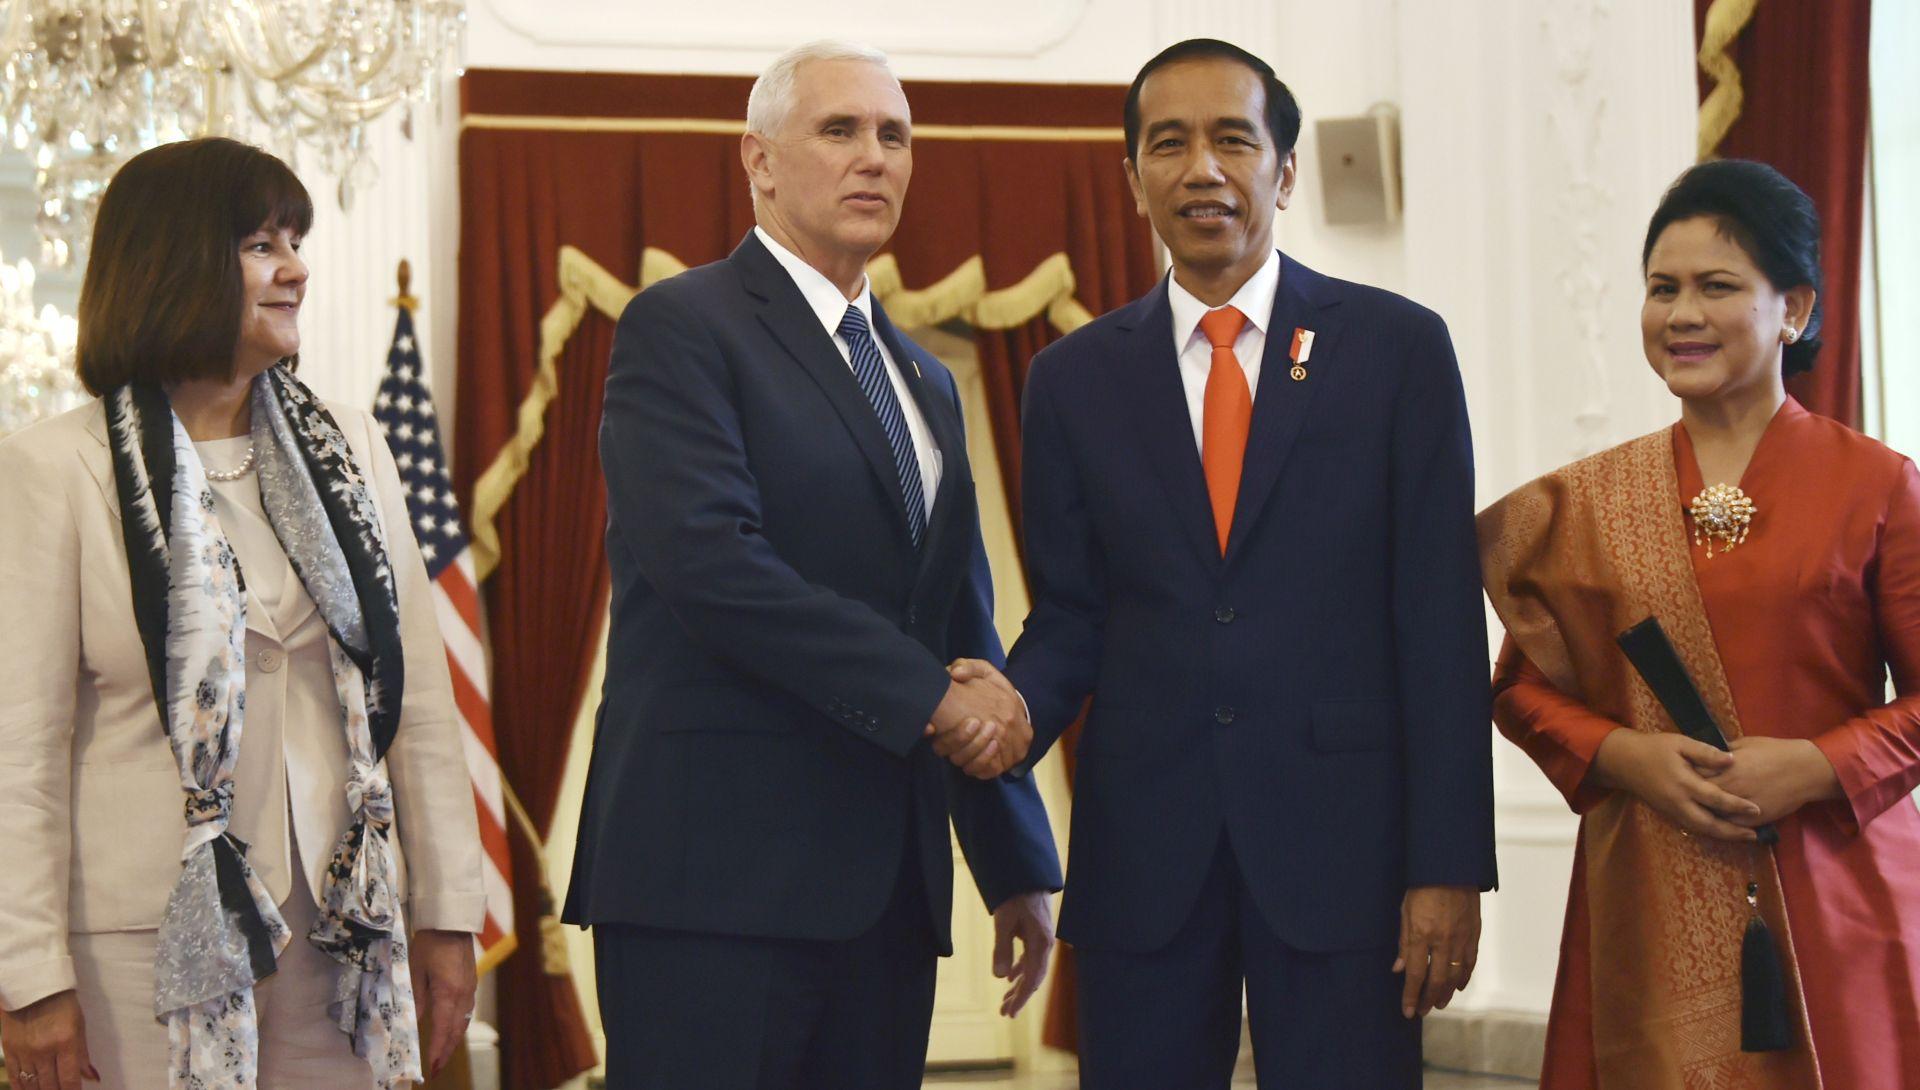 Pence kaže da traži poštenije trgovinske odnose s Indonezijom